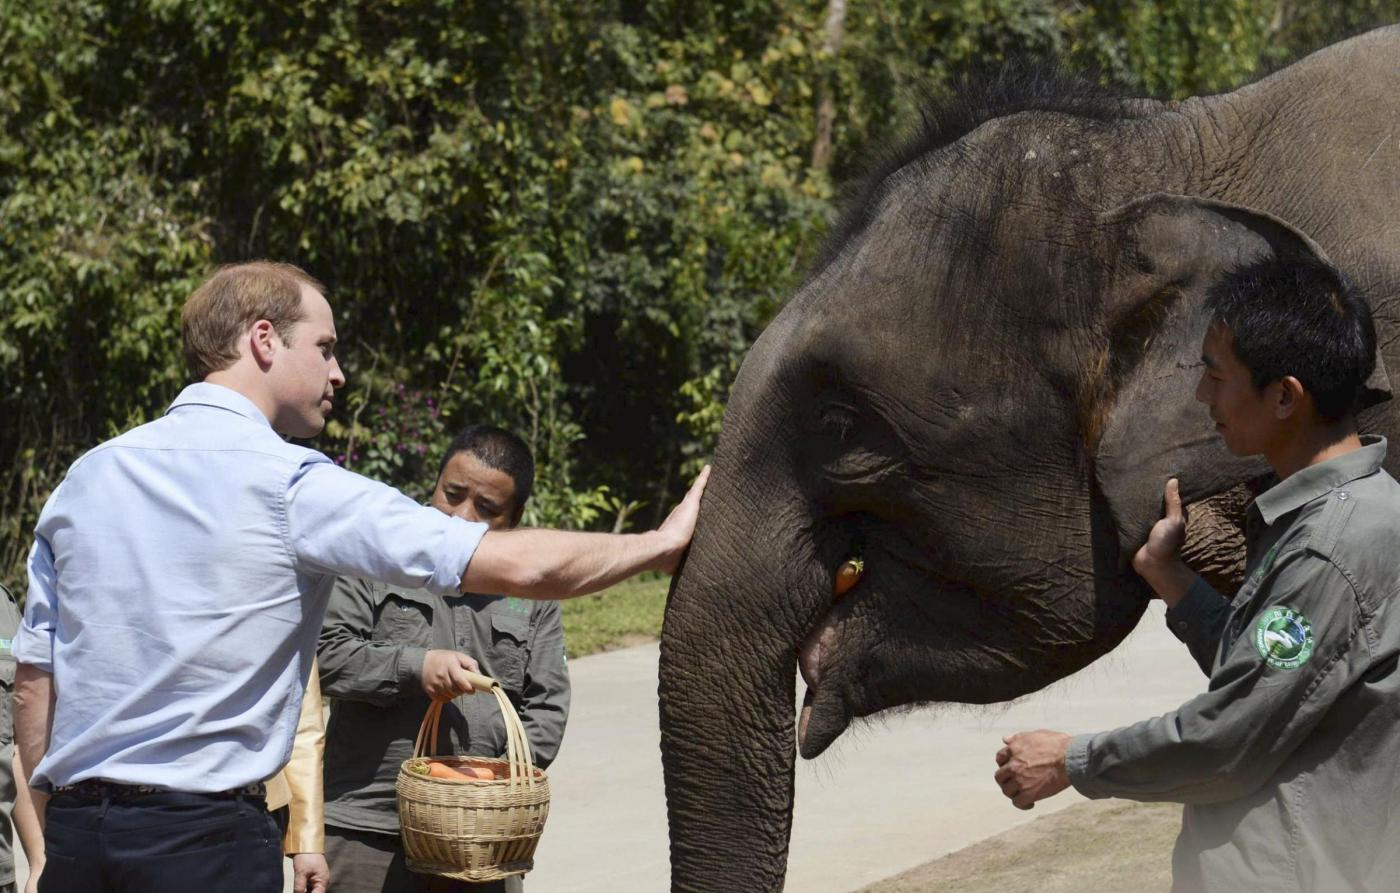 Principe William: la gaffe sugli elefanti in Cina